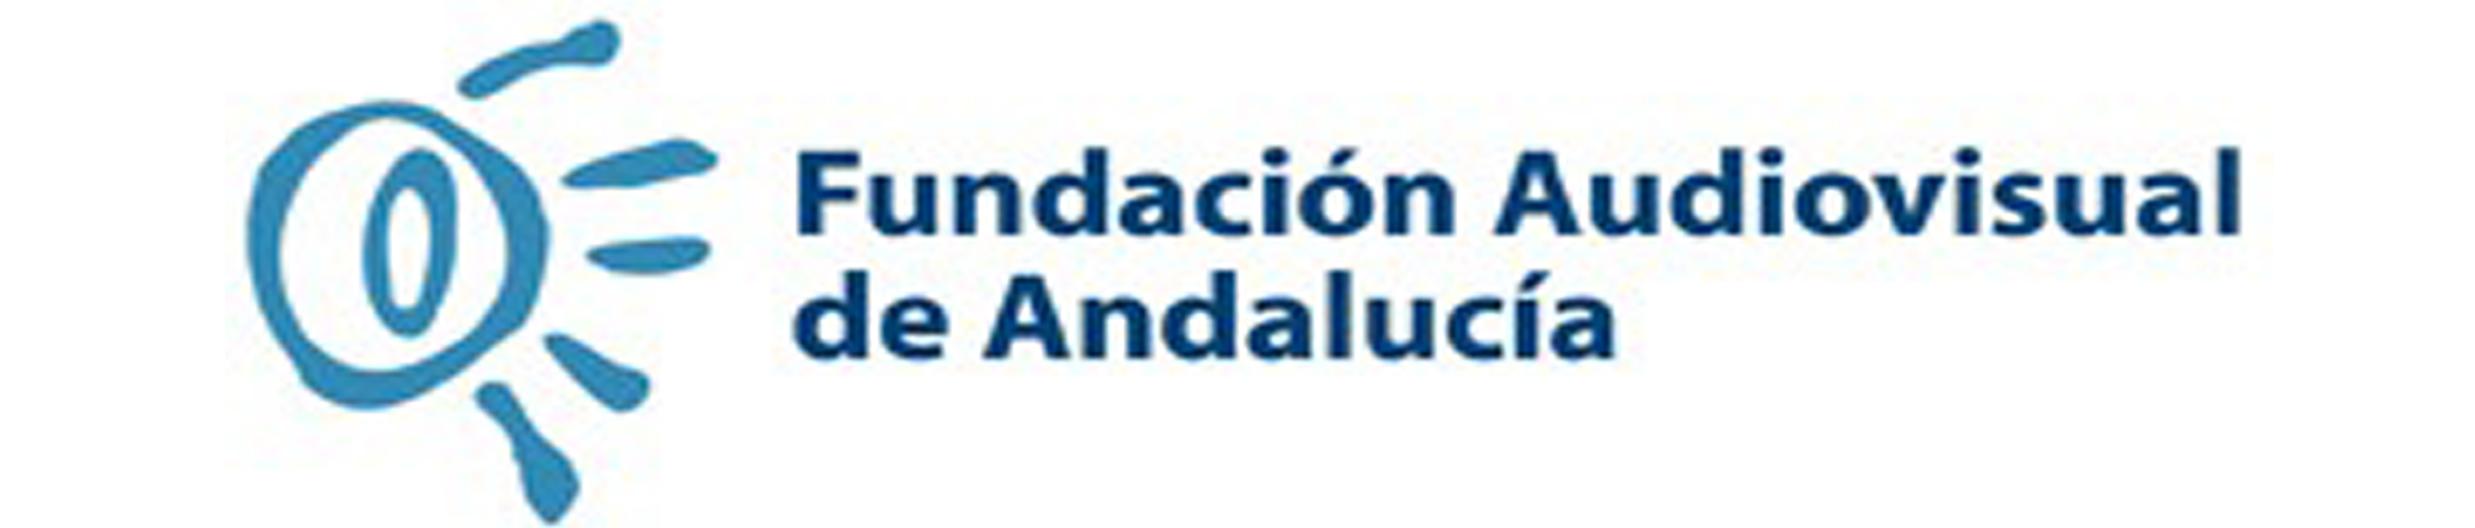 Fundación Audiovisual de Andalucía-Taller Telekids